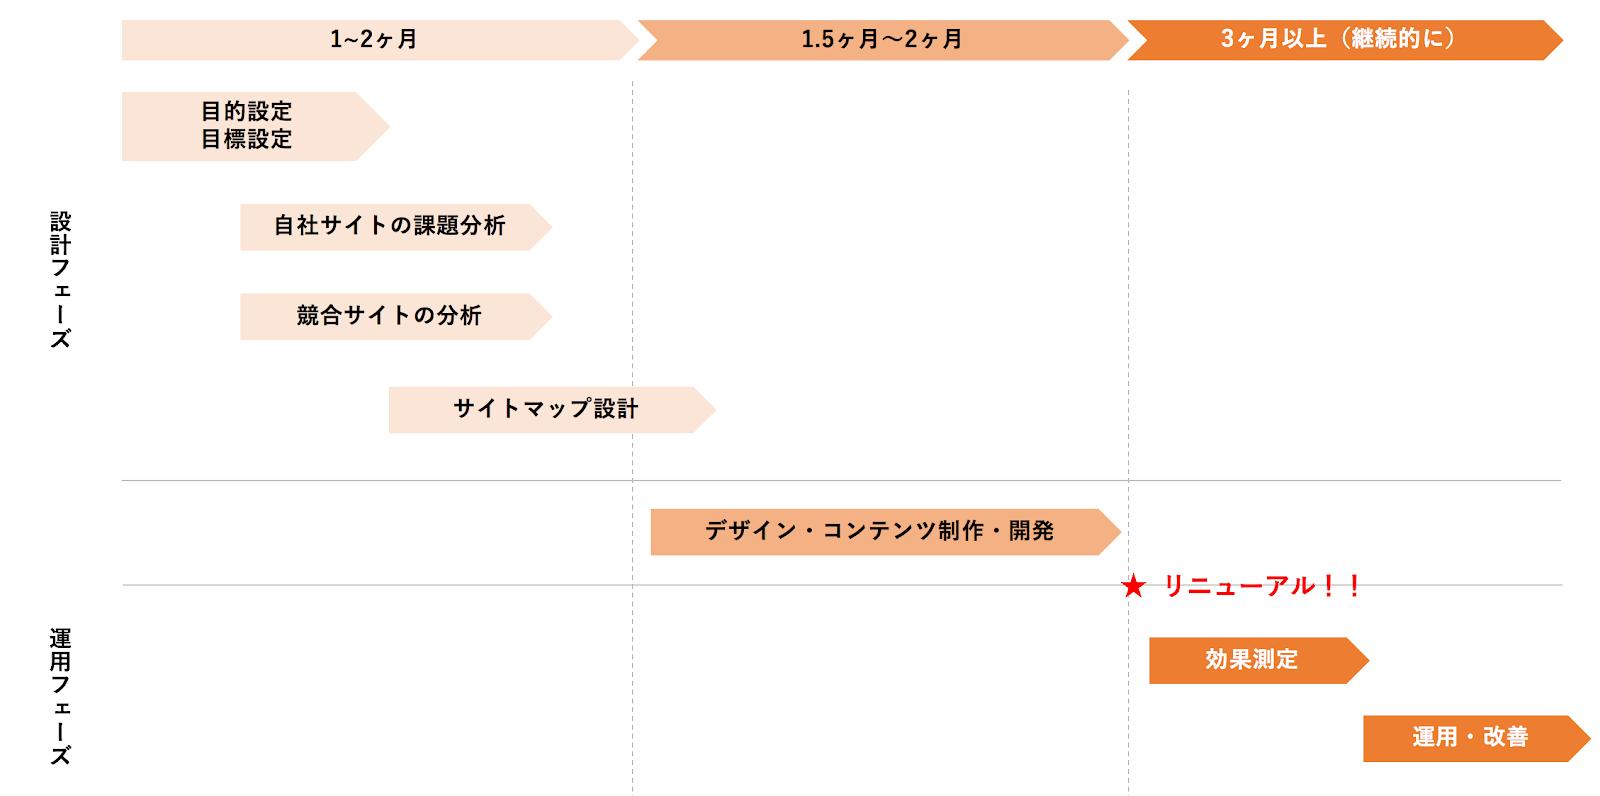 企画から運用までのサイトリニューアルの手順